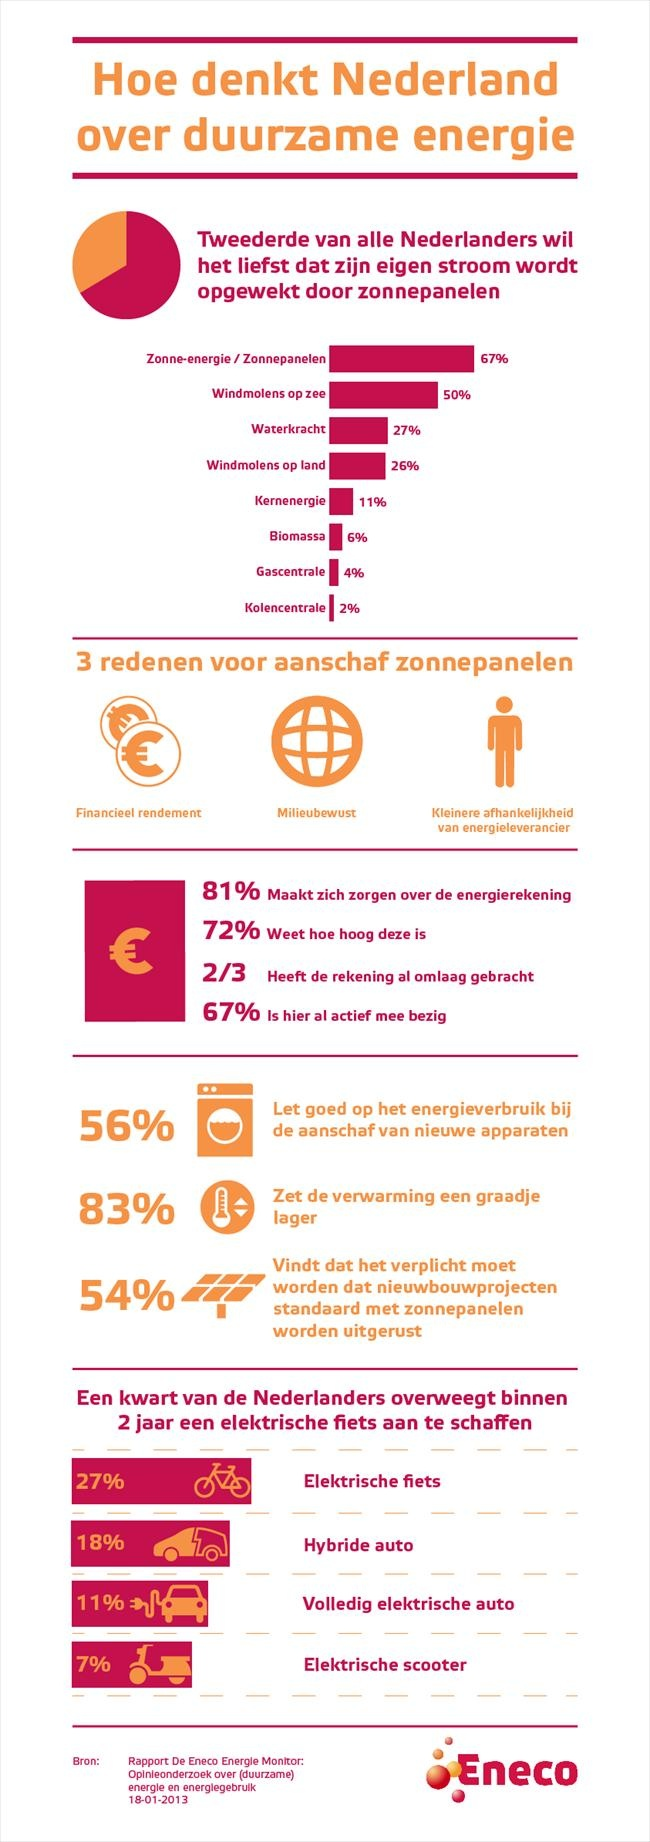 Hoe denkt Nederland over duurzame energie? Bron: http://nieuws.eneco.nl/nederlander-wil-meer-zonnepanelen/